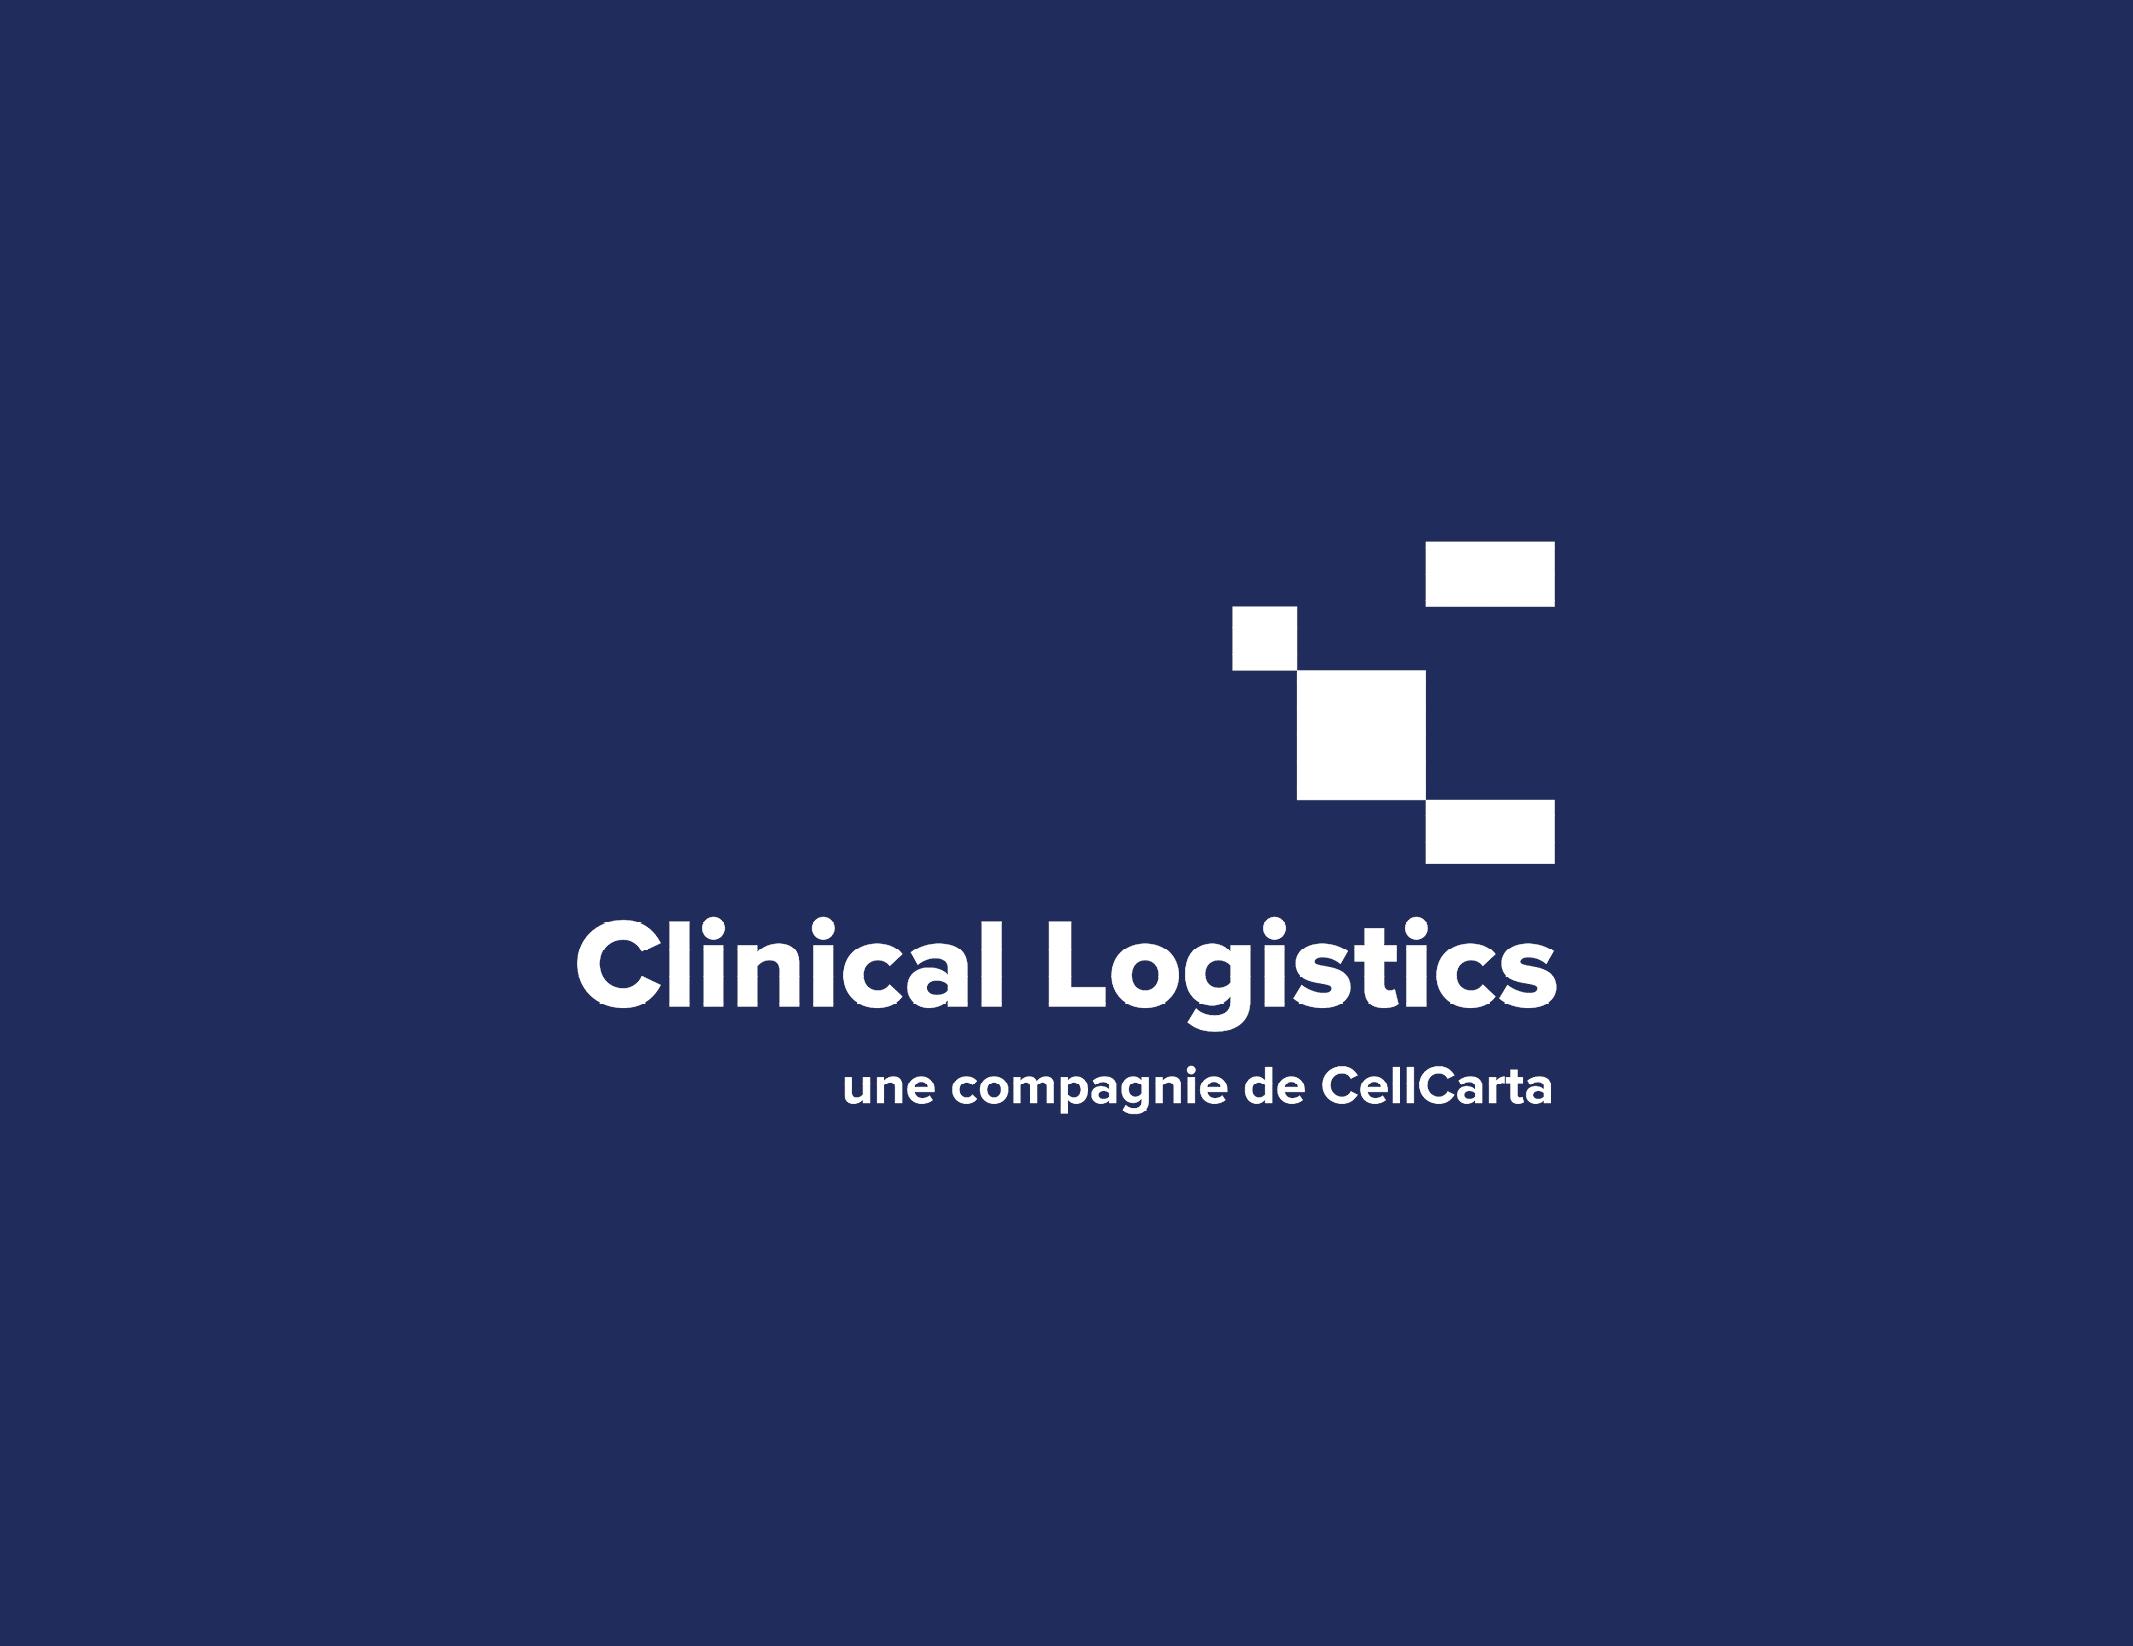 Clinical Logistics Inc. rejoint CellCarta